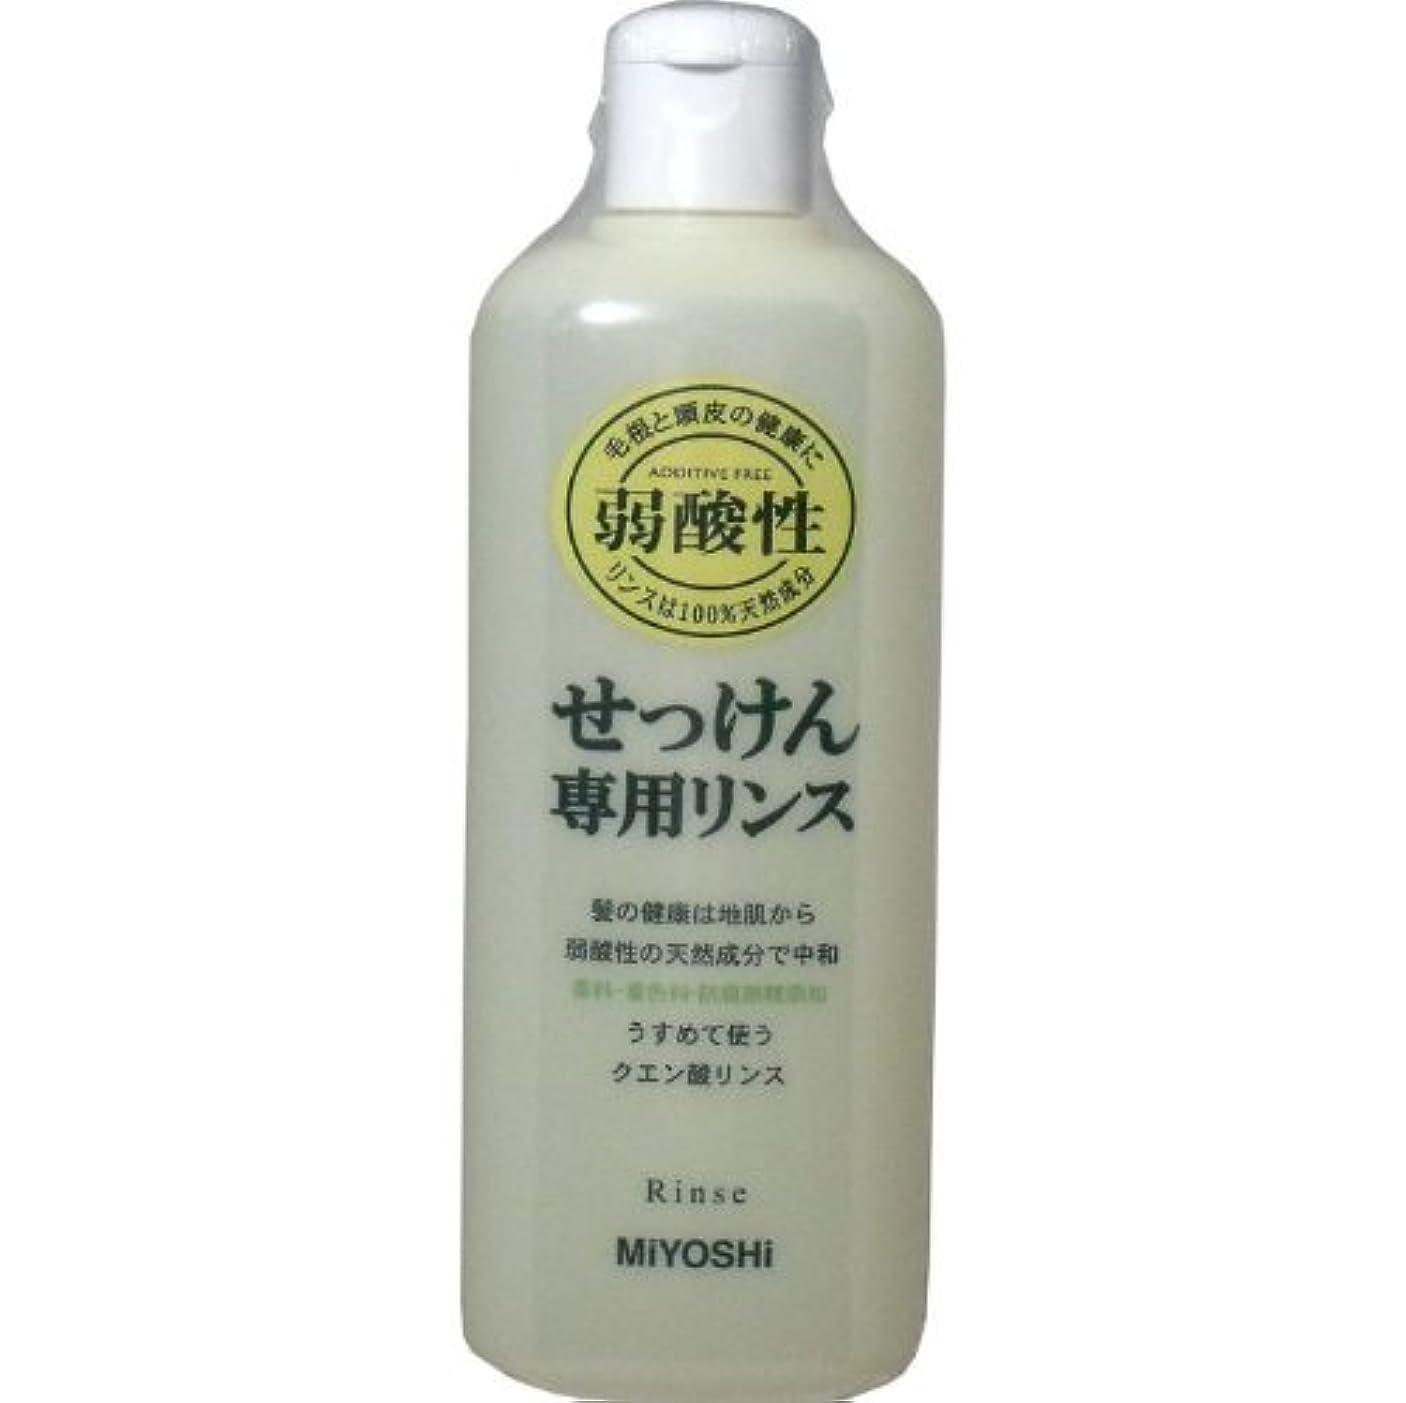 そうでなければモネゲートウェイ髪の健康は地肌から、弱酸性の天然成分で中和!!香料、防腐剤、着色料無添加!うすめて使うクエン酸リンス!リンス 350mL【4個セット】